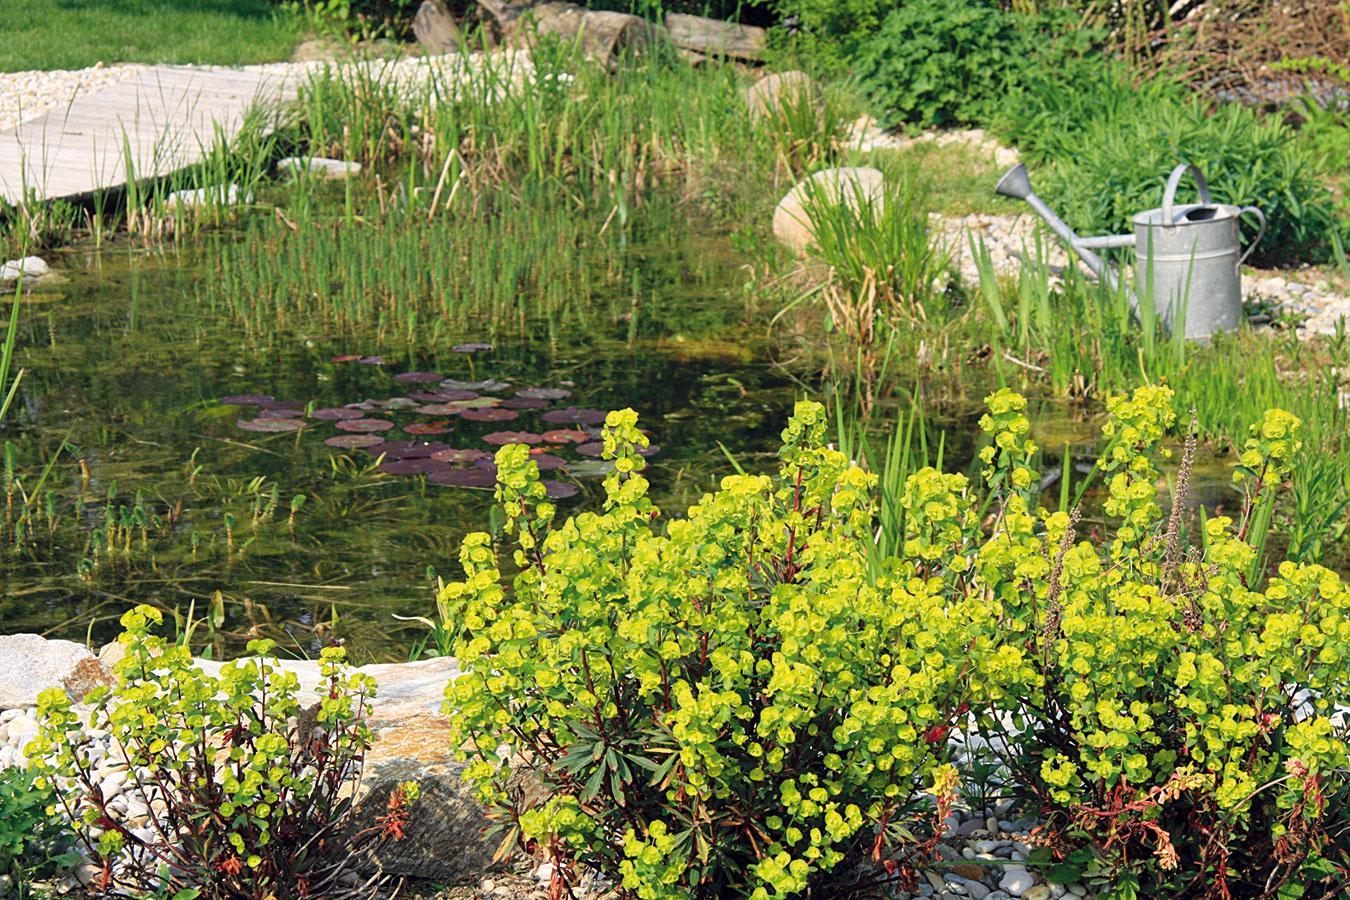 Okolie jazierka po zime nikdy nepôsobí príťažlivo. Skoro na jar tu však začínajú rozkvitať prvé cibuľoviny avlhkomilné trvalky, napríklad záružlie. Sčistením jazierka ajeho okolia sa preto treba poponáhľať. Ak bolo vzime vypustené, bude nutné vyčistiť dno od napadaných nečistôt abahna ado formy treba dostať aj jeho bočné steny. Jazierko možno následne naplniť vodou avložiť doň koše sprezimovanými vodnými rastlinami. Ak bolo vzime napustené, odstráňte zjeho povrchu napadané lístie, kal asuché steblá rastlín. Na brehoch jazierka ostrihajte tesne nad pôdou vysadené trávy apobrežné rastliny. Na prázdne miesta sa dajú vysadiť predpestované nezábudky, príliš rozrastené pobrežné rastliny rozdeľte arozsaďte.